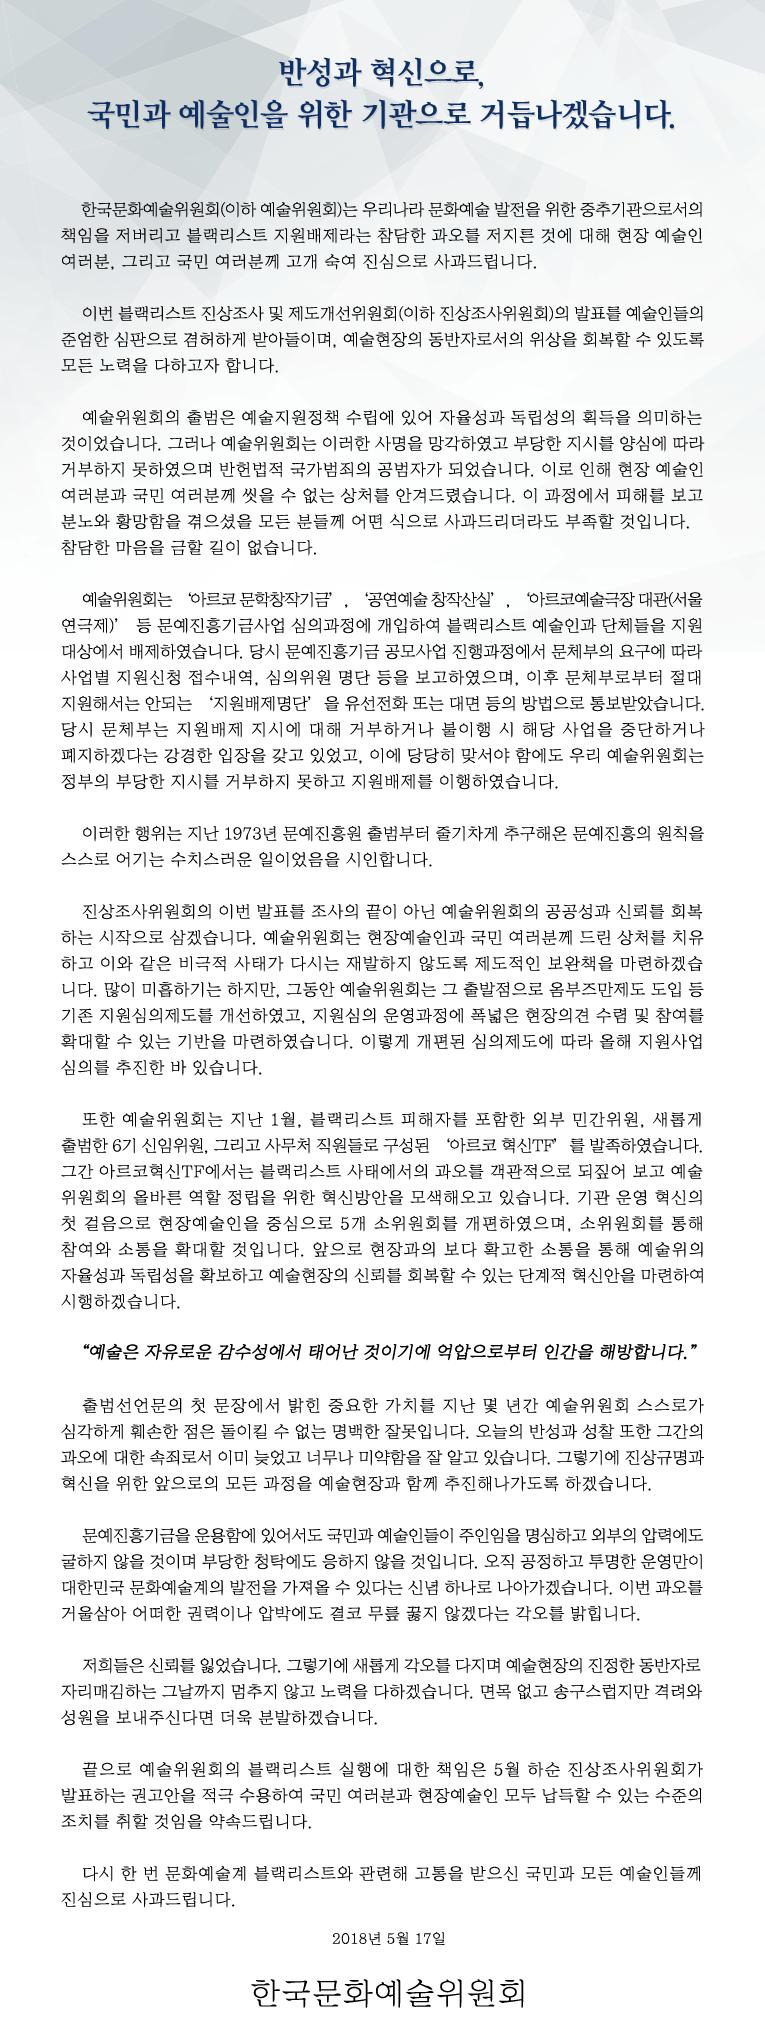 """반성과 혁신으로, 국민과 예술인을 위한 기관으로 거듭나겠습니다. 한국문화예술위원회(이하 예술위원회)는 우리나라 문화예술 발전을 위한 중추기관으로서의 책임을 저버리고 블랙리스트 지원배제라는 참담한 과오를 저지른 것에 대해 현장 예술인 여러분, 그리고 국민 여러분께 고개 숙여 진심으로 사과드립니다. 이번 블랙리스트 진상조사 및 제도개선위원회(이하 진상조사위원회)의 발표를 예술인들의 준엄한 심판으로 겸허하게 받아들이며, 예술현장의 동반자로서의 위상을 회복할 수 있도록 모든 노력을 다하고자 합니다. 예술위원회의 출범은 예술지원정책 수립에 있어 자율성과 독립성의 획득을 의미하는 것이었습니다. 그러나 예술위원회는 이러한 사명을 망각하였고 부당한 지시를 양심에 따라 거부하지 못하였으며 반헌법적 국가범죄의 공범자가 되었습니다. 이로 인해 현장 예술인 여러분과 국민 여러분께 씻을 수 없는 상처를 안겨드렸습니다. 이 과정에서 피해를 보고 분노와 황망함을 겪으셨을 모든 분들께 어떤 식으로 사과드리더라도 부족할 것입니다. 참담한 마음을 금할 길이 없습니다. 예술위원회는 '아르코 문학창작기금', '공연예술 창작산실', '아르코예술극장 대관(서울연극제)' 등 문예진흥기금사업 심의과정에 개입하여 블랙리스트 예술인과 단체들을 지원대상에서 배제하였습니다. 당시 문예진흥기금 공모사업 진행과정에서 문체부의 요구에 따라 사업별 지원신청 접수내역, 심의위원 명단 등을 보고하였으며, 이후 문체부로부터 절대 지원해서는 안되는 '지원배제명단'을 유선전화 또는 대면 등의 방법으로 통보받았습니다. 당시 문체부는 지원배제 지시에 대해 거부하거나 불이행 시 해당 사업을 중단하거나 폐지하겠다는 강경한 입장을 갖고 있었고, 이에 당당히 맞서야 함에도 우리 예술위원회는 정부의 부당한 지시를 거부하지 못하고 지원배제를 이행하였습니다. 이러한 행위는 지난 1973년 문예진흥원 출범부터 줄기차게 추구해온 문예진흥의 원칙을 스스로 어기는 수치스러운 일이었음을 시인합니다. 진상조사위원회의 이번 발표를 조사의 끝이 아닌 예술위원회의 공공성과 신뢰를 회복하는 시작으로 삼겠습니다. 예술위원회는 현장예술인과 국민 여러분께 드린 상처를 치유하고 이와 같은 비극적 사태가 다시는 재발하지 않도록 제도적인 보완책을 마련하겠습니다. 많이 미흡하기는 하지만, 그동안 예술위원회는 그 출발점으로 옴부즈만제도 도입 등 기존 지원심의제도를 개선하였고, 지원심의 운영과정에 폭넓은 현장의견 수렴 및 참여를 확대할 수 있는 기반을 마련하였습니다. 이렇게 개편된 심의제도에 따라 올해 지원사업 심의를 추진한 바 있습니다. 또한 예술위원회는 지난 1월, 블랙리스트 피해자를 포함한 외부 민간위원, 새롭게 출범한 6기 신임위원, 그리고 사무처 직원들로 구성된 '아르코 혁신TF'를 발족하였습니다. 그간 아르코혁신TF에서는 블랙리스트 사태에서의 과오를 객관적으로 되짚어 보고 예술위원회의 올바른 역할 정립을 위한 혁신방안을 모색해오고 있습니다. 기관 운영 혁신의 첫 걸음으로 현장예술인을 중심으로 5개 소위원회를 개편하였으며, 소위원회를 통해 참여와 소통을 확대할 것입니다. 앞으로 현장과의 보다 확고한 소통을 통해 예술위의 자율성과 독립성을 확보하고 예술현장의 신뢰를 회복할 수 있는 단계적 혁신안을 마련하여 시행하겠습니다. """"예술은 자유로운 감수성에서 태어난 것이기에 억압으로부터 인간을 해방합니다."""" 출범선언문의 첫 문장에서 밝힌 중요한 가치를 지난 몇 년간 예술위원회 스스로가 심각하게 훼손한 점은 돌이킬 수 없는 명백한 잘못입니다. 오늘의 반성과 성찰 또한 그간의 과오에 대한 속죄로서 이미 늦었고 너무나 미약함을 잘 알고 있습니다. 그렇기에 진상규명과 혁신을 위한 앞으로의 모든 과정을 예술현장과 함께 추진해나가도록 하겠습니다. 문예진흥기금을 운용함에 있어서도 국민과 예술인들이 주인임을 명심하고 외부의 압력에도 굴하지 않을 것이며 부당한 청탁에도 응하지 않을 것입니다. 오직 공정하고 투명한 운영만이 대한민국 문화예술계의 발전을 가져올 수 있다는 신념 하나로 나아가겠습니다. 이번 과오를 거울삼아 어떠한 권력이나 압박에도 결코"""